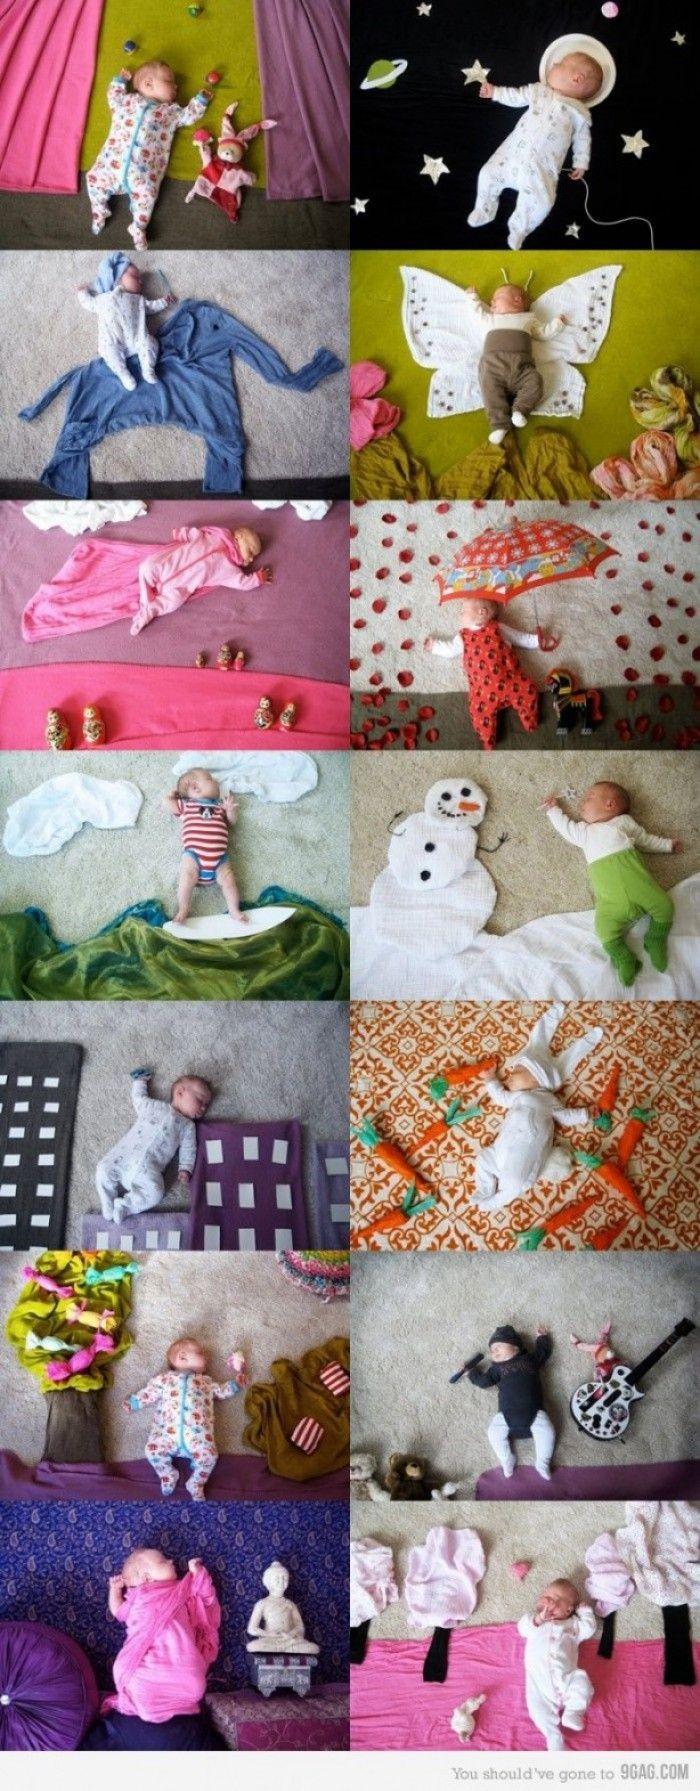 die besten 25 lustige baby bilder ideen auf pinterest. Black Bedroom Furniture Sets. Home Design Ideas